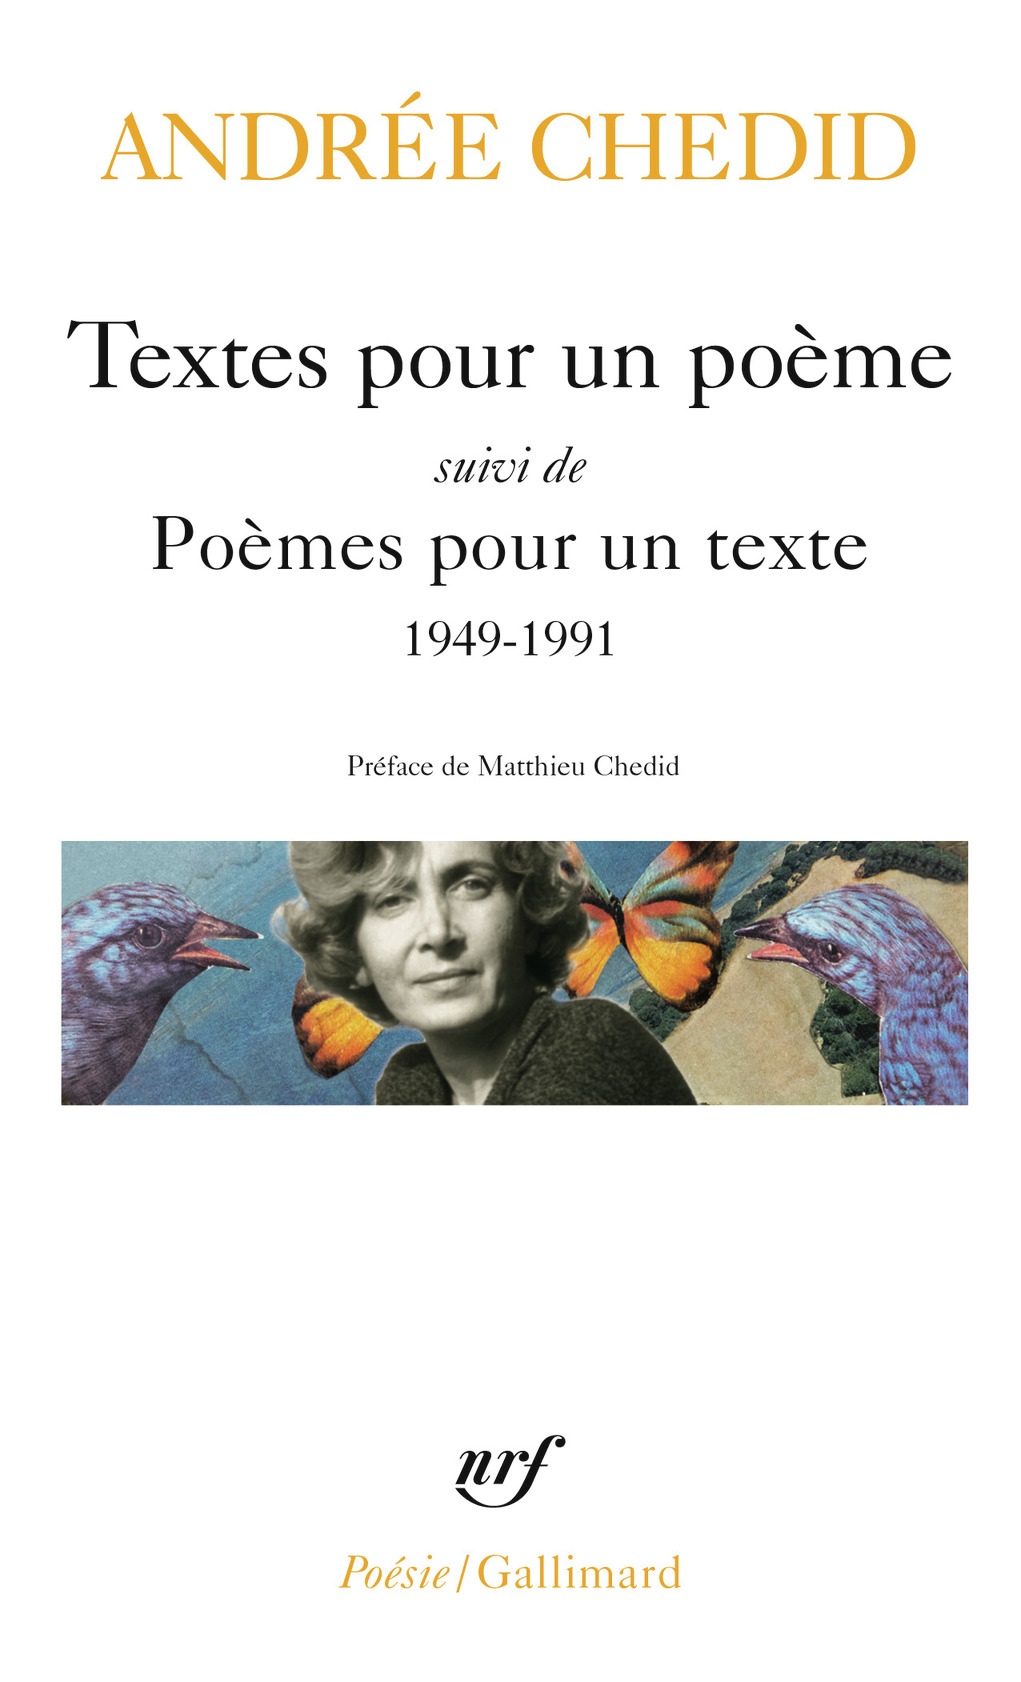 A. Chedid, Textes pour un poème, suivi de Poèmes pour un texte (Poésie/Gallimard)